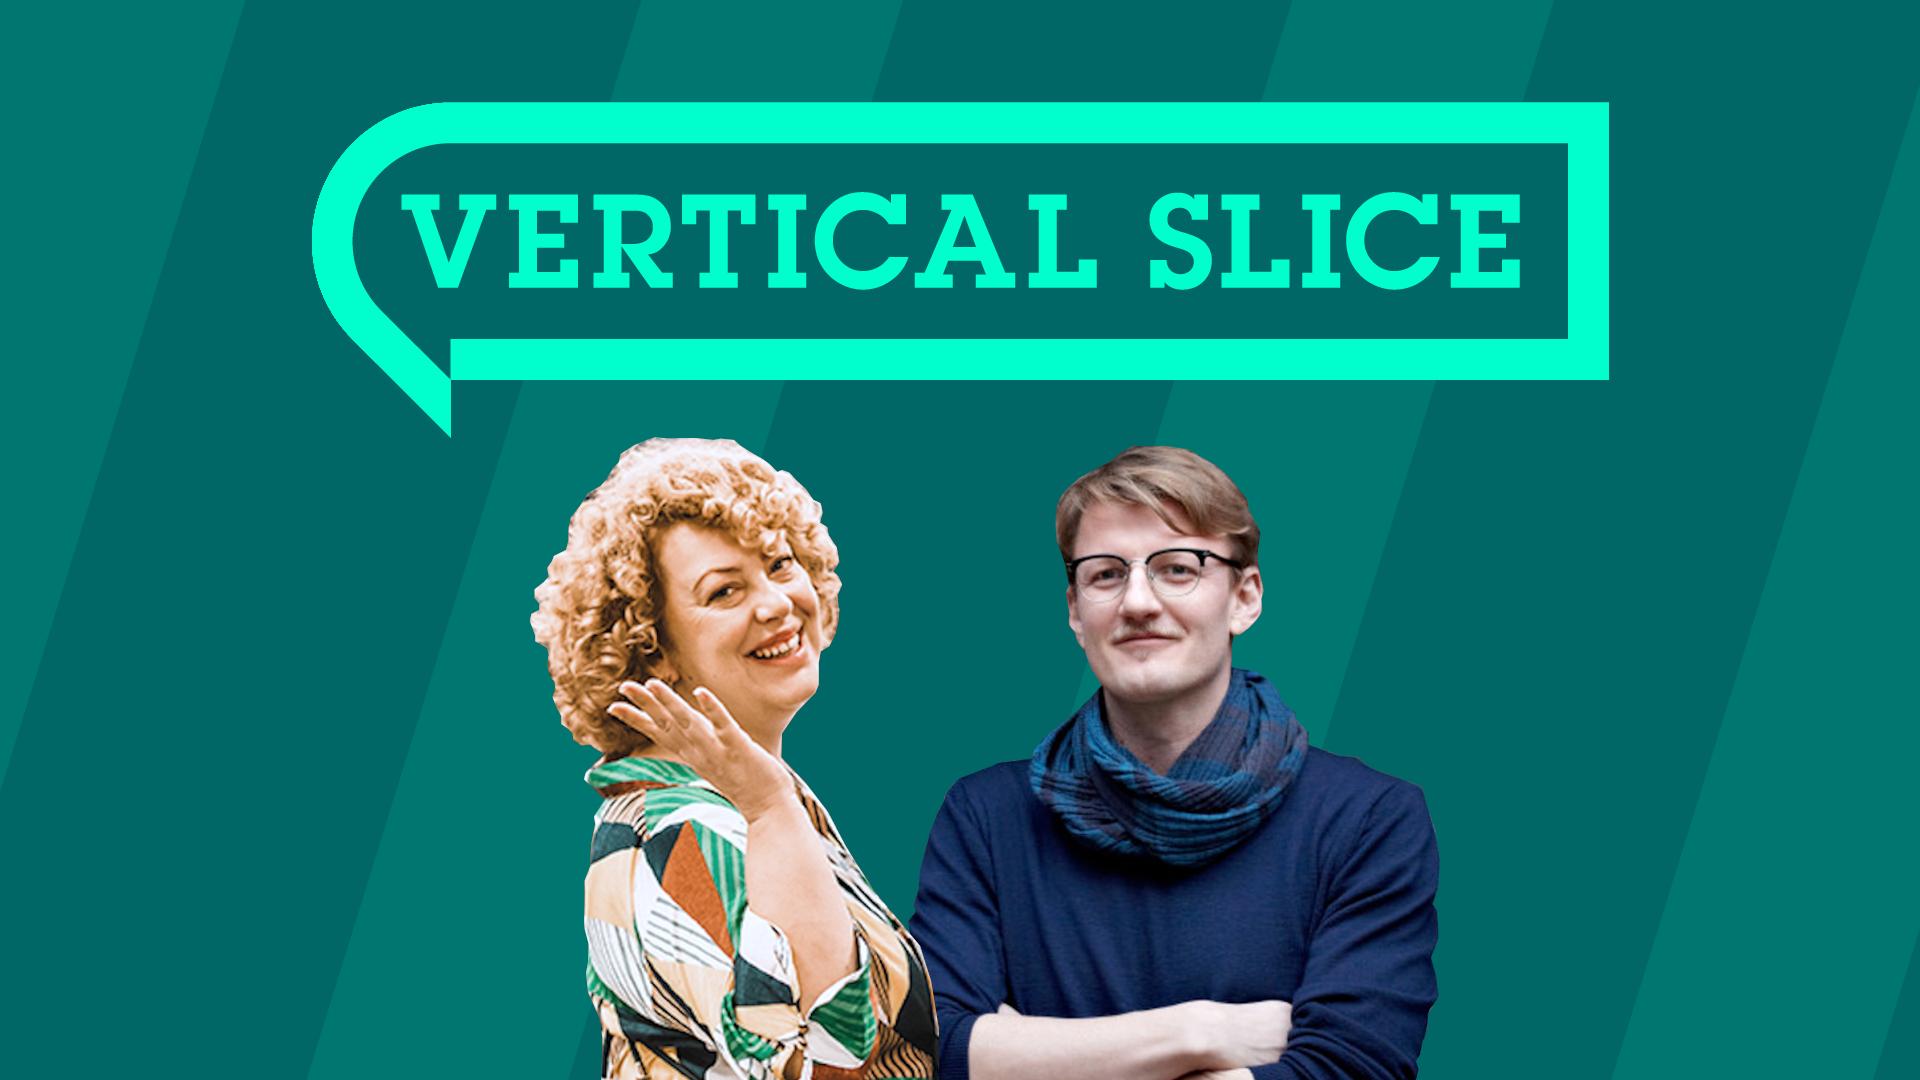 show_verticalslice.jpg